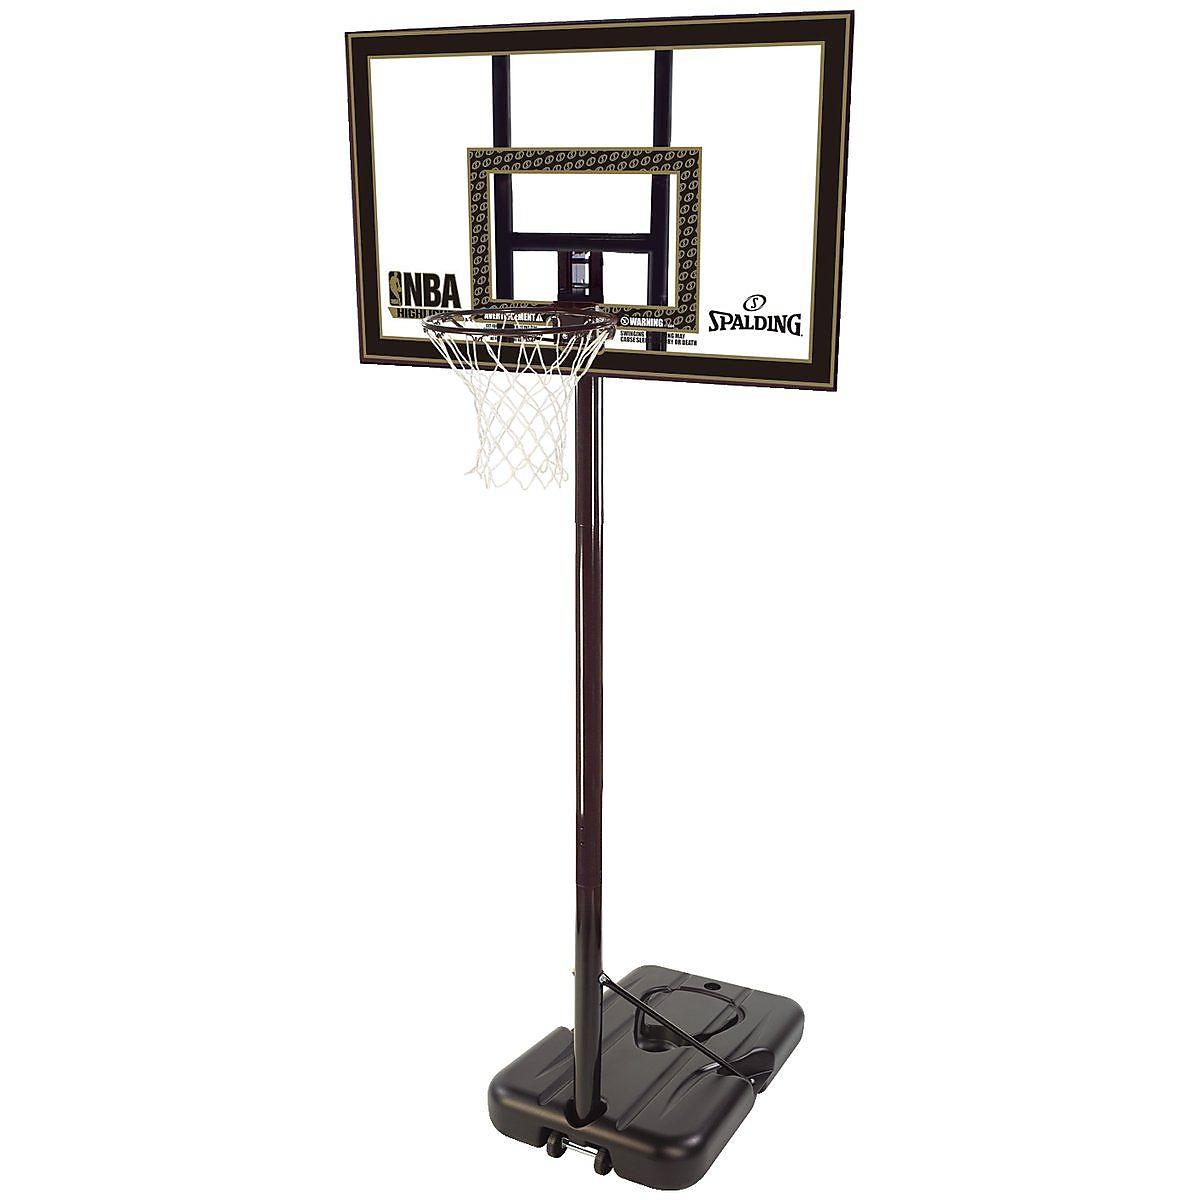 【送料無料】 SPALDING (スポルディング) バスケットボール バックボード トイ 【メーカー直送品】ハイライトポータブルSA 77684CN